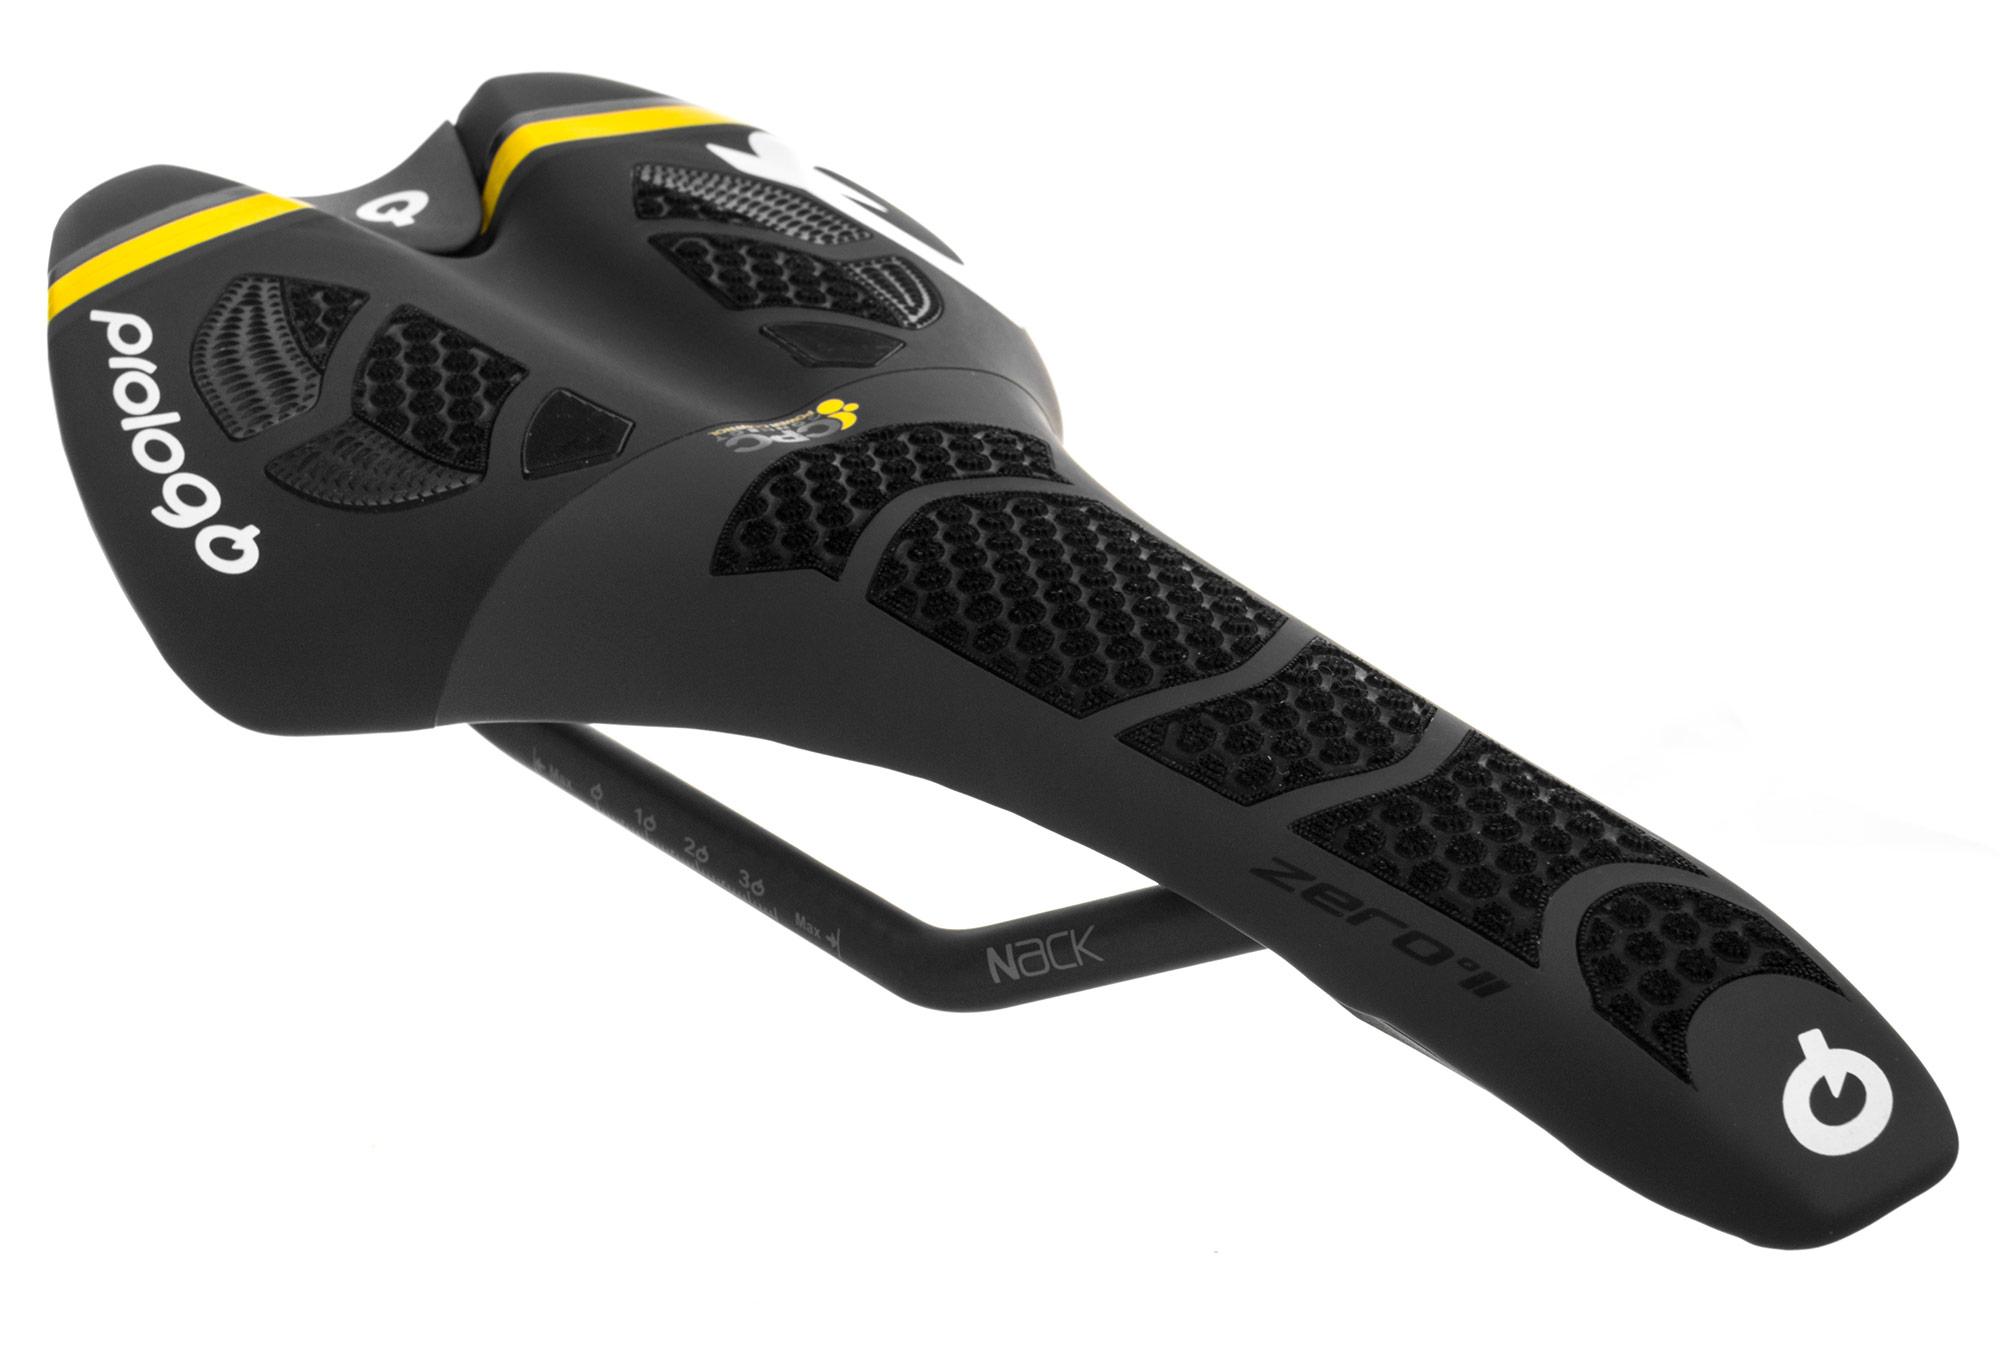 prologo zero ii saddle nack cpc black red team direct energie. Black Bedroom Furniture Sets. Home Design Ideas